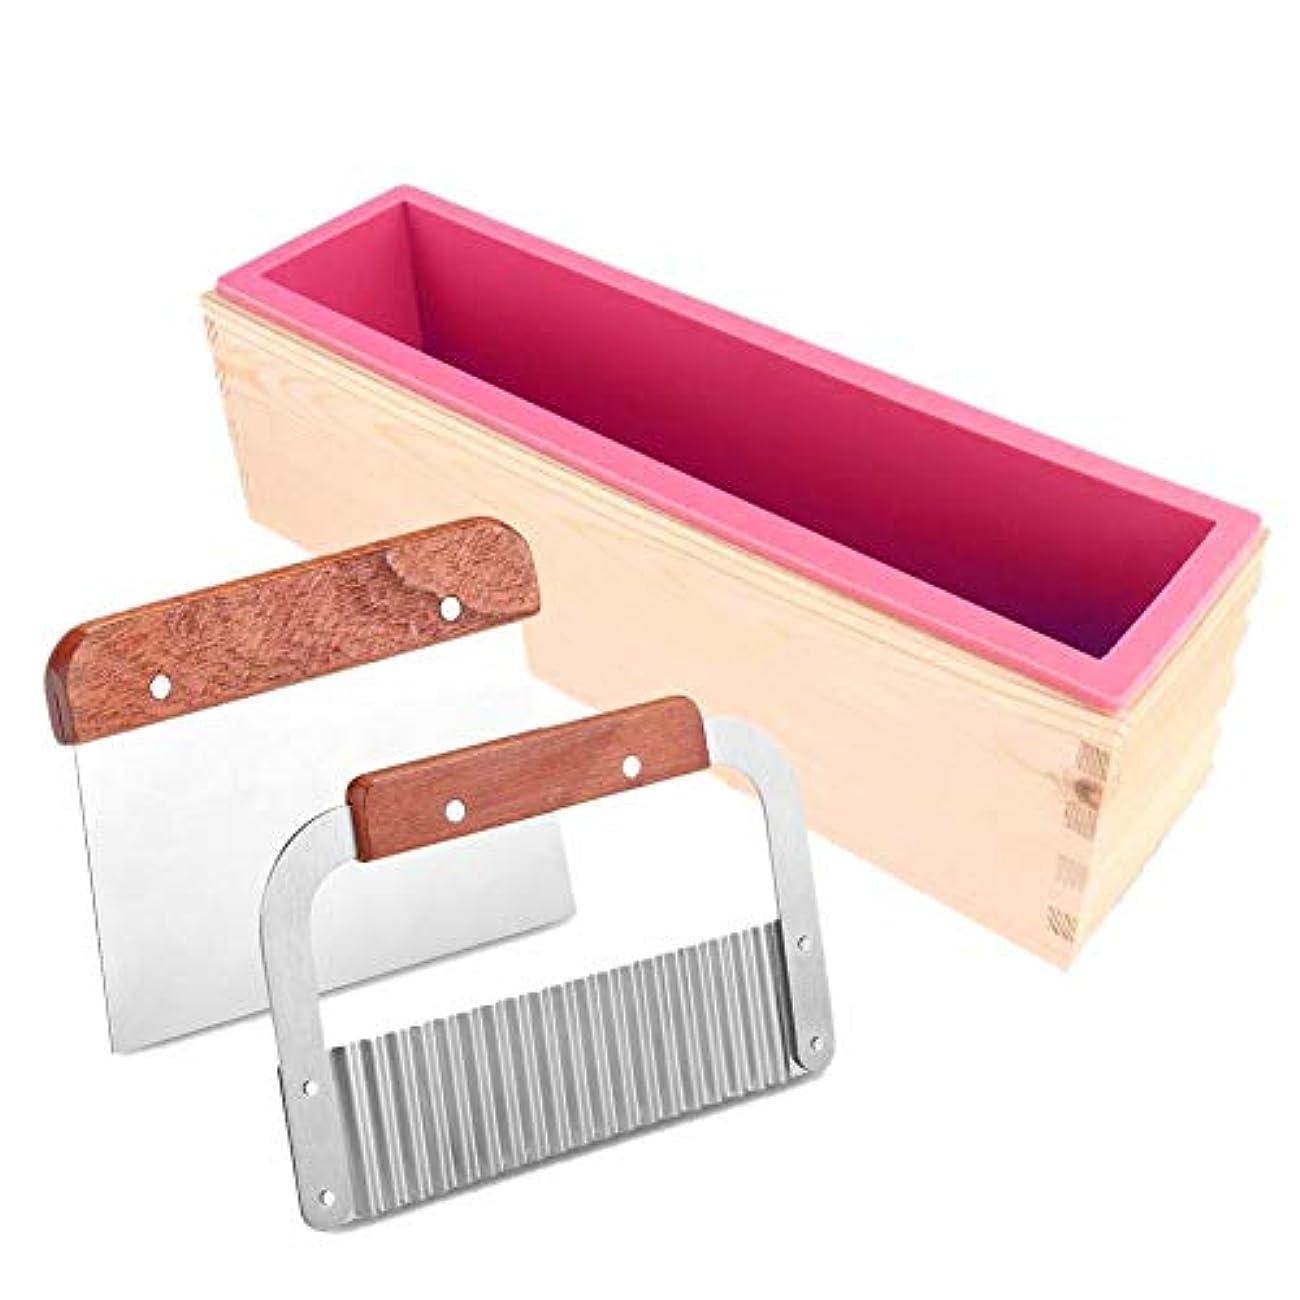 オーバーコートカビ従事するRagemのシリコーンの石鹸型 - 自家製の石鹸の作成のための2Pcsカッターの皮むき器が付いている長方形の木箱の石鹸の作成型